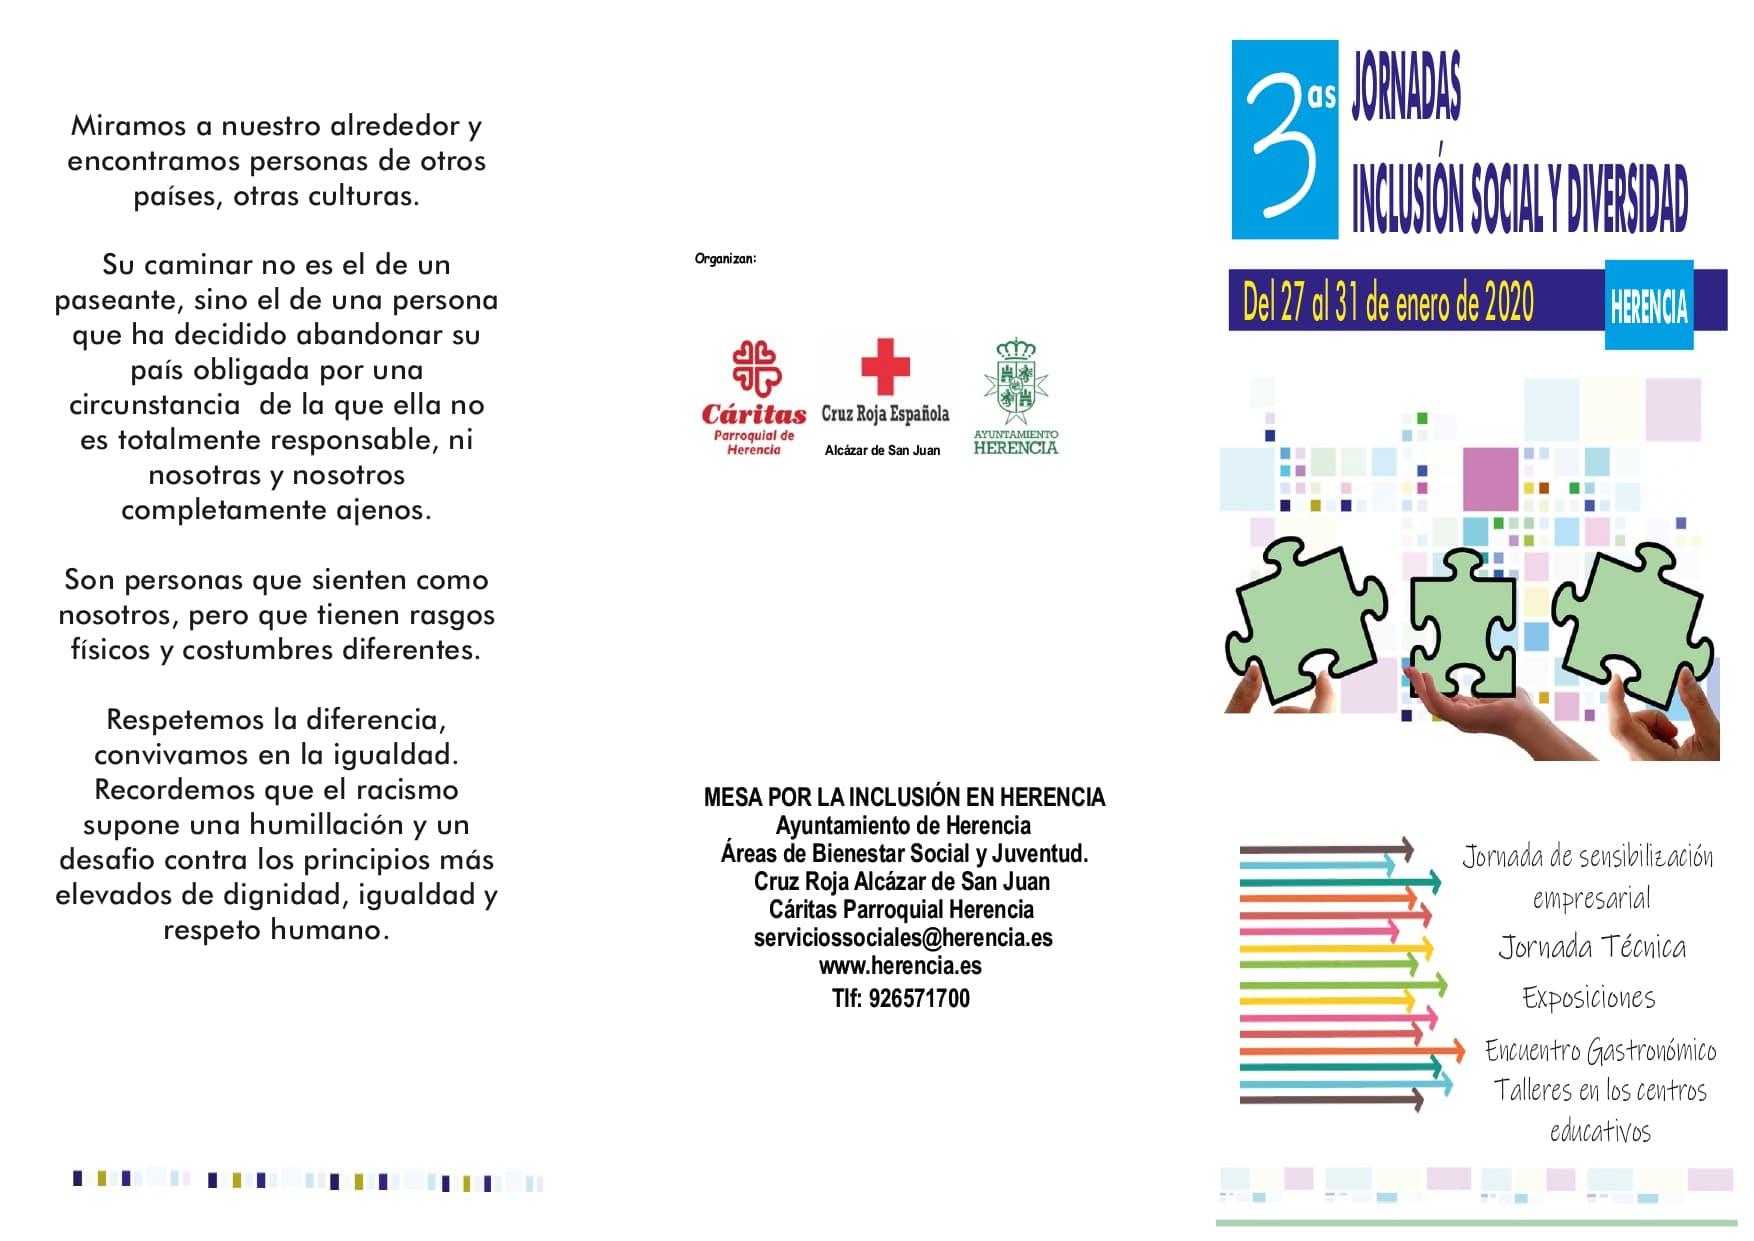 Cartel jornadas inclusion social diversidad page 0001 - Herencia presenta las III Jornadas de Inclusión Social y Diversidad